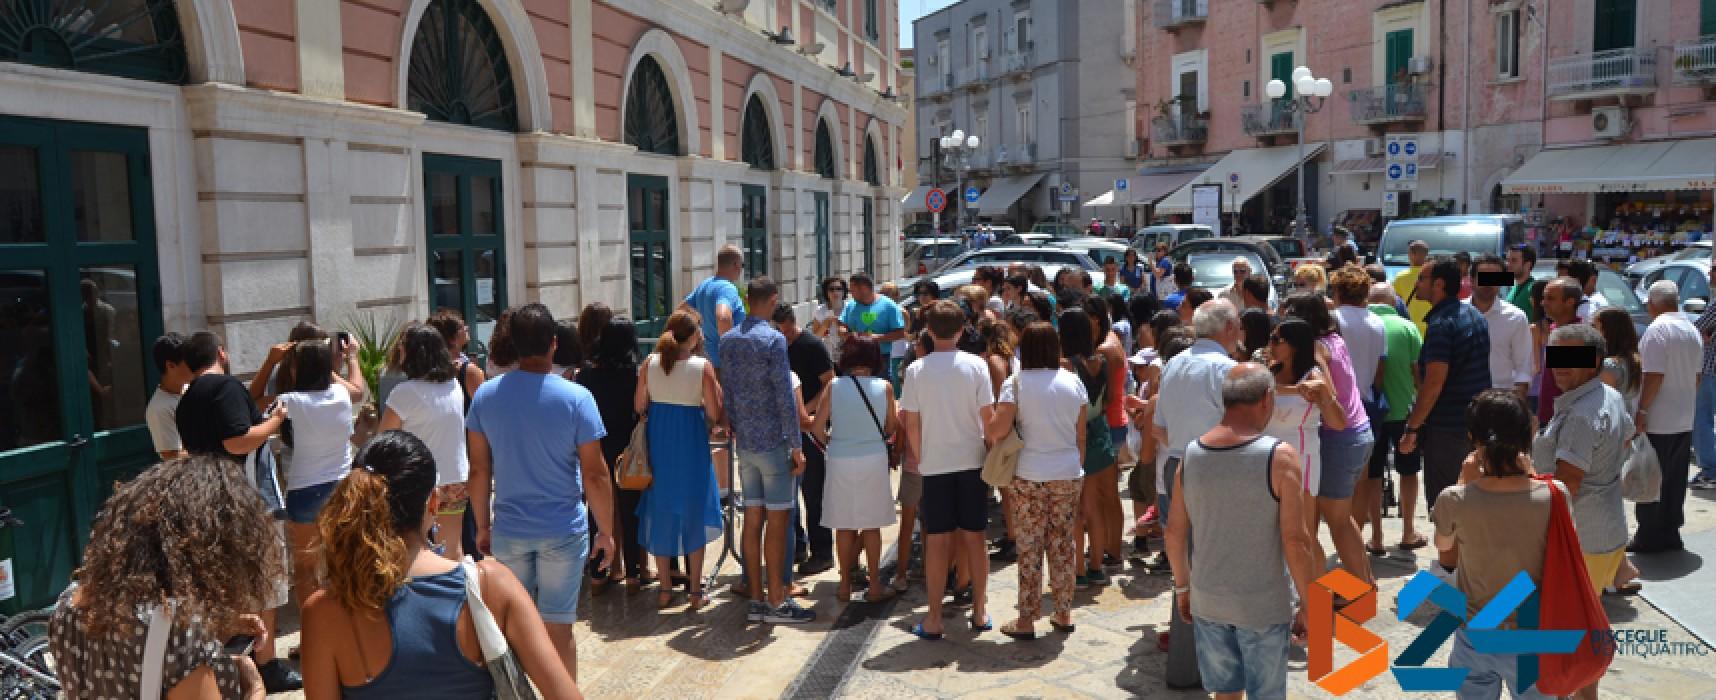 """Le riprese del film """"La scelta"""" si spostano su Corso Umberto e sul Torrione Sant'Angelo"""